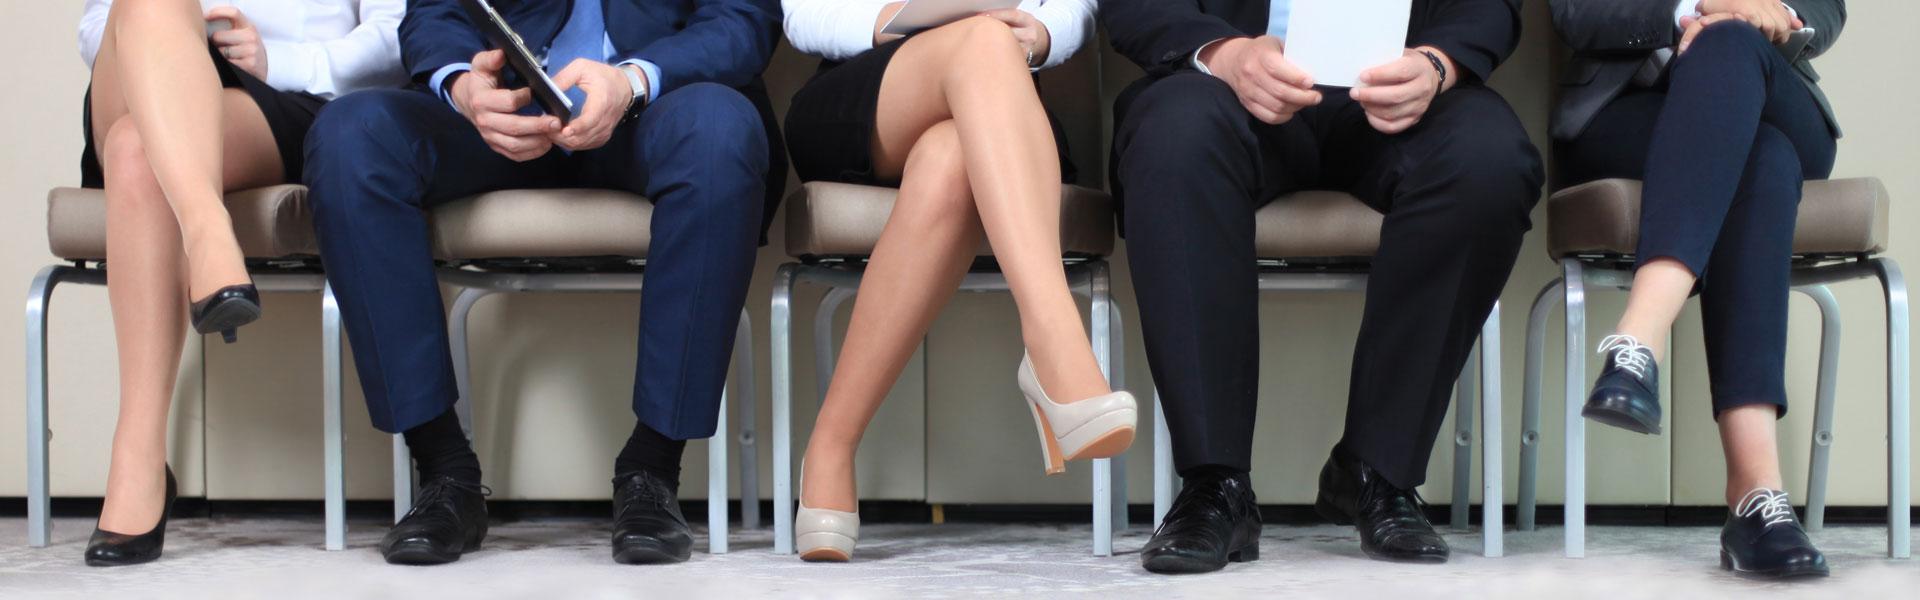 Stühle und Beine von Frauen und Männern